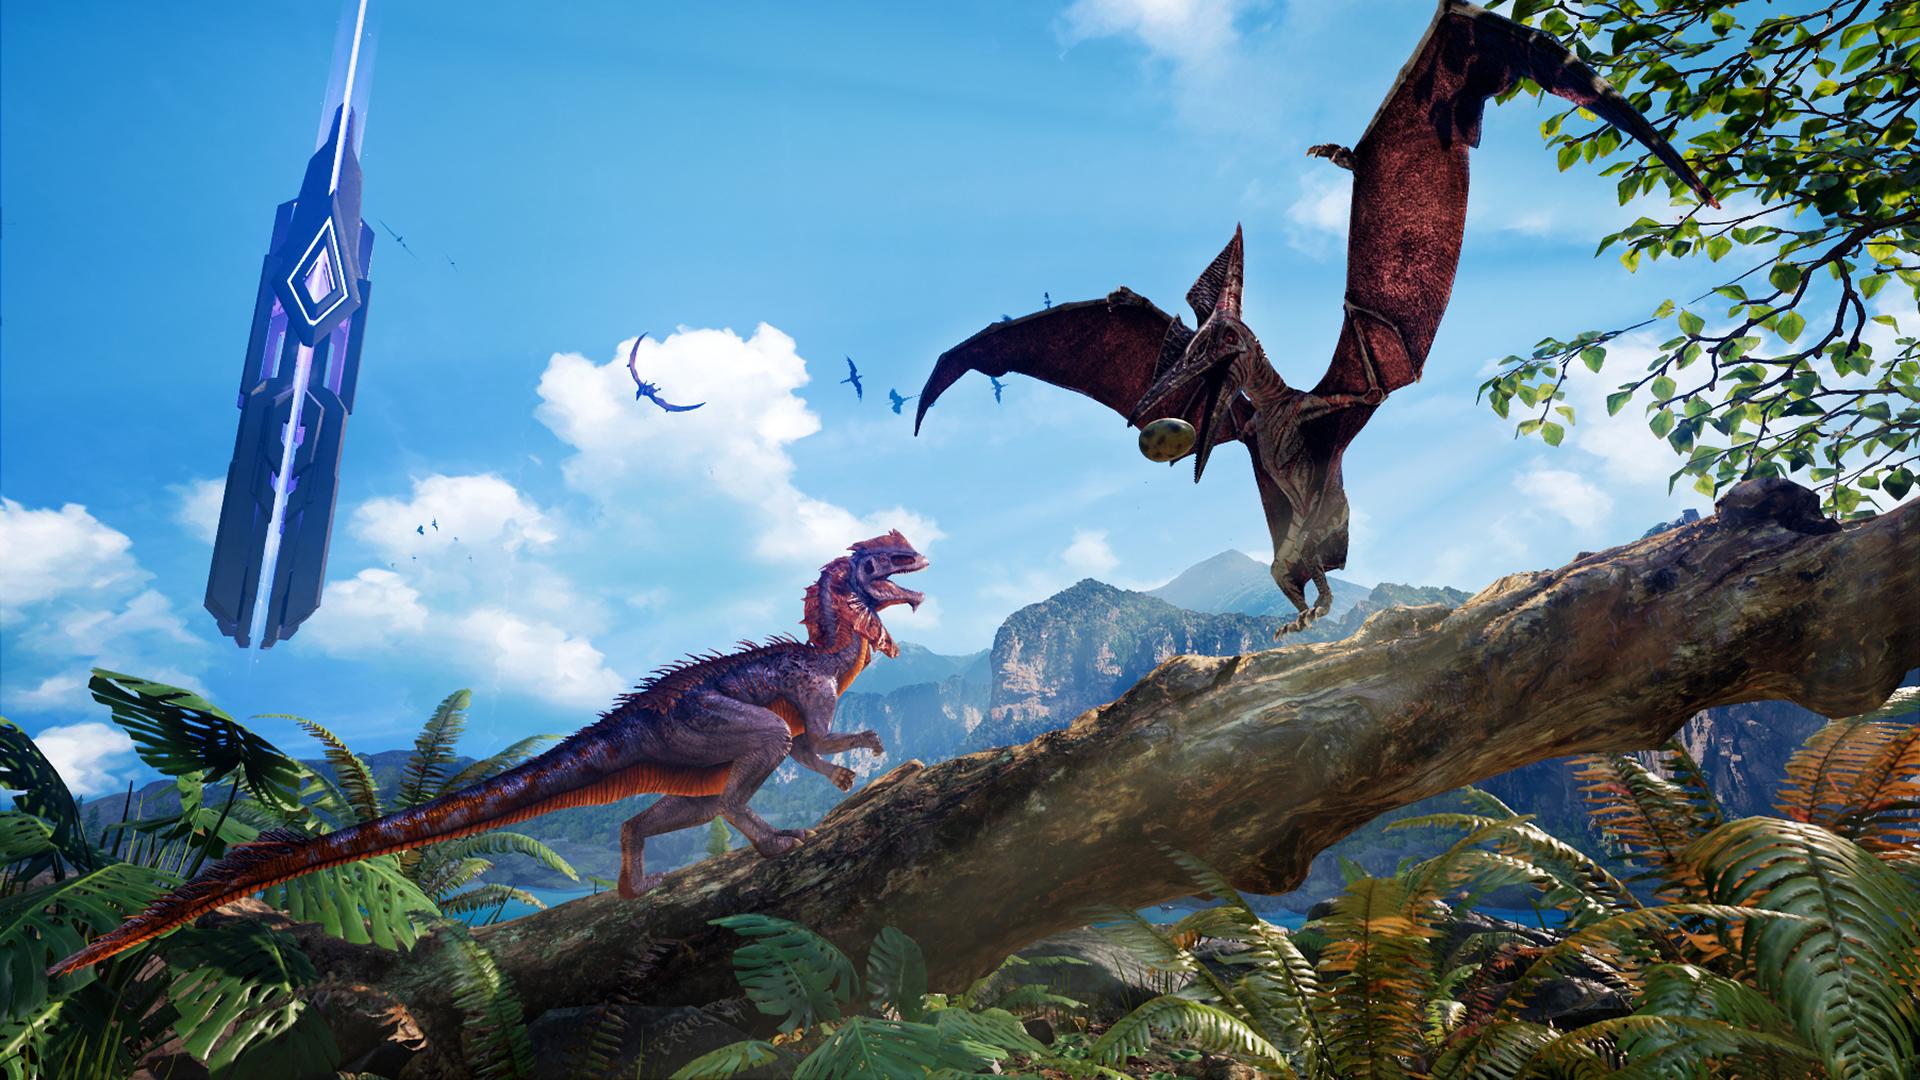 恐龙世界_最强画质恐龙世界探险vr《方舟公园》今日全球发售